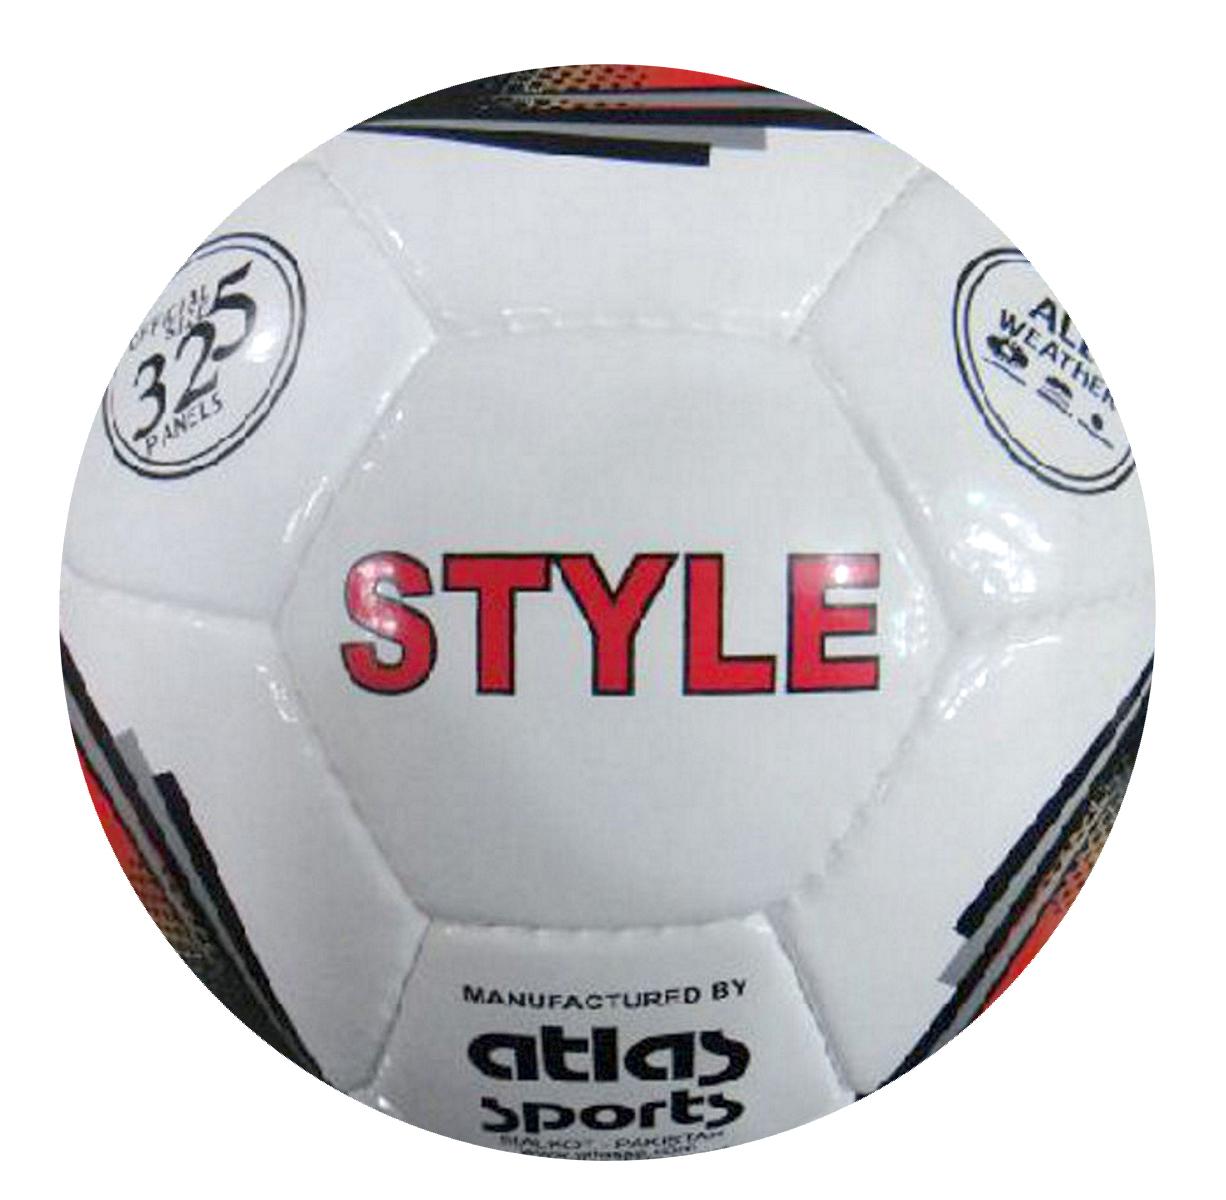 Мяч футбольный Atlas Style, белый, красный, золотой. Размер 5200170Футбольный мяч Atlas Style предназначен для проведения соревнований и игр команд среднего и любительского уровней, отлично подходит и для интенсивных тренировок. Мяч подходит для игры на любых поверхностях, но особенно рекомендуется для натуральных и искусственных газонов, полей с синтетическим покрытием различной степени жесткости. Также подходит для игры в любых погодных условиях (при соблюдении условий эксплуатации и ухода).Состоит из 32 панелей и 4 подкладочных слоев. Камера выполнена из латекса, она имеет бутиловый нипель, а покрышка из синтетической кожи.